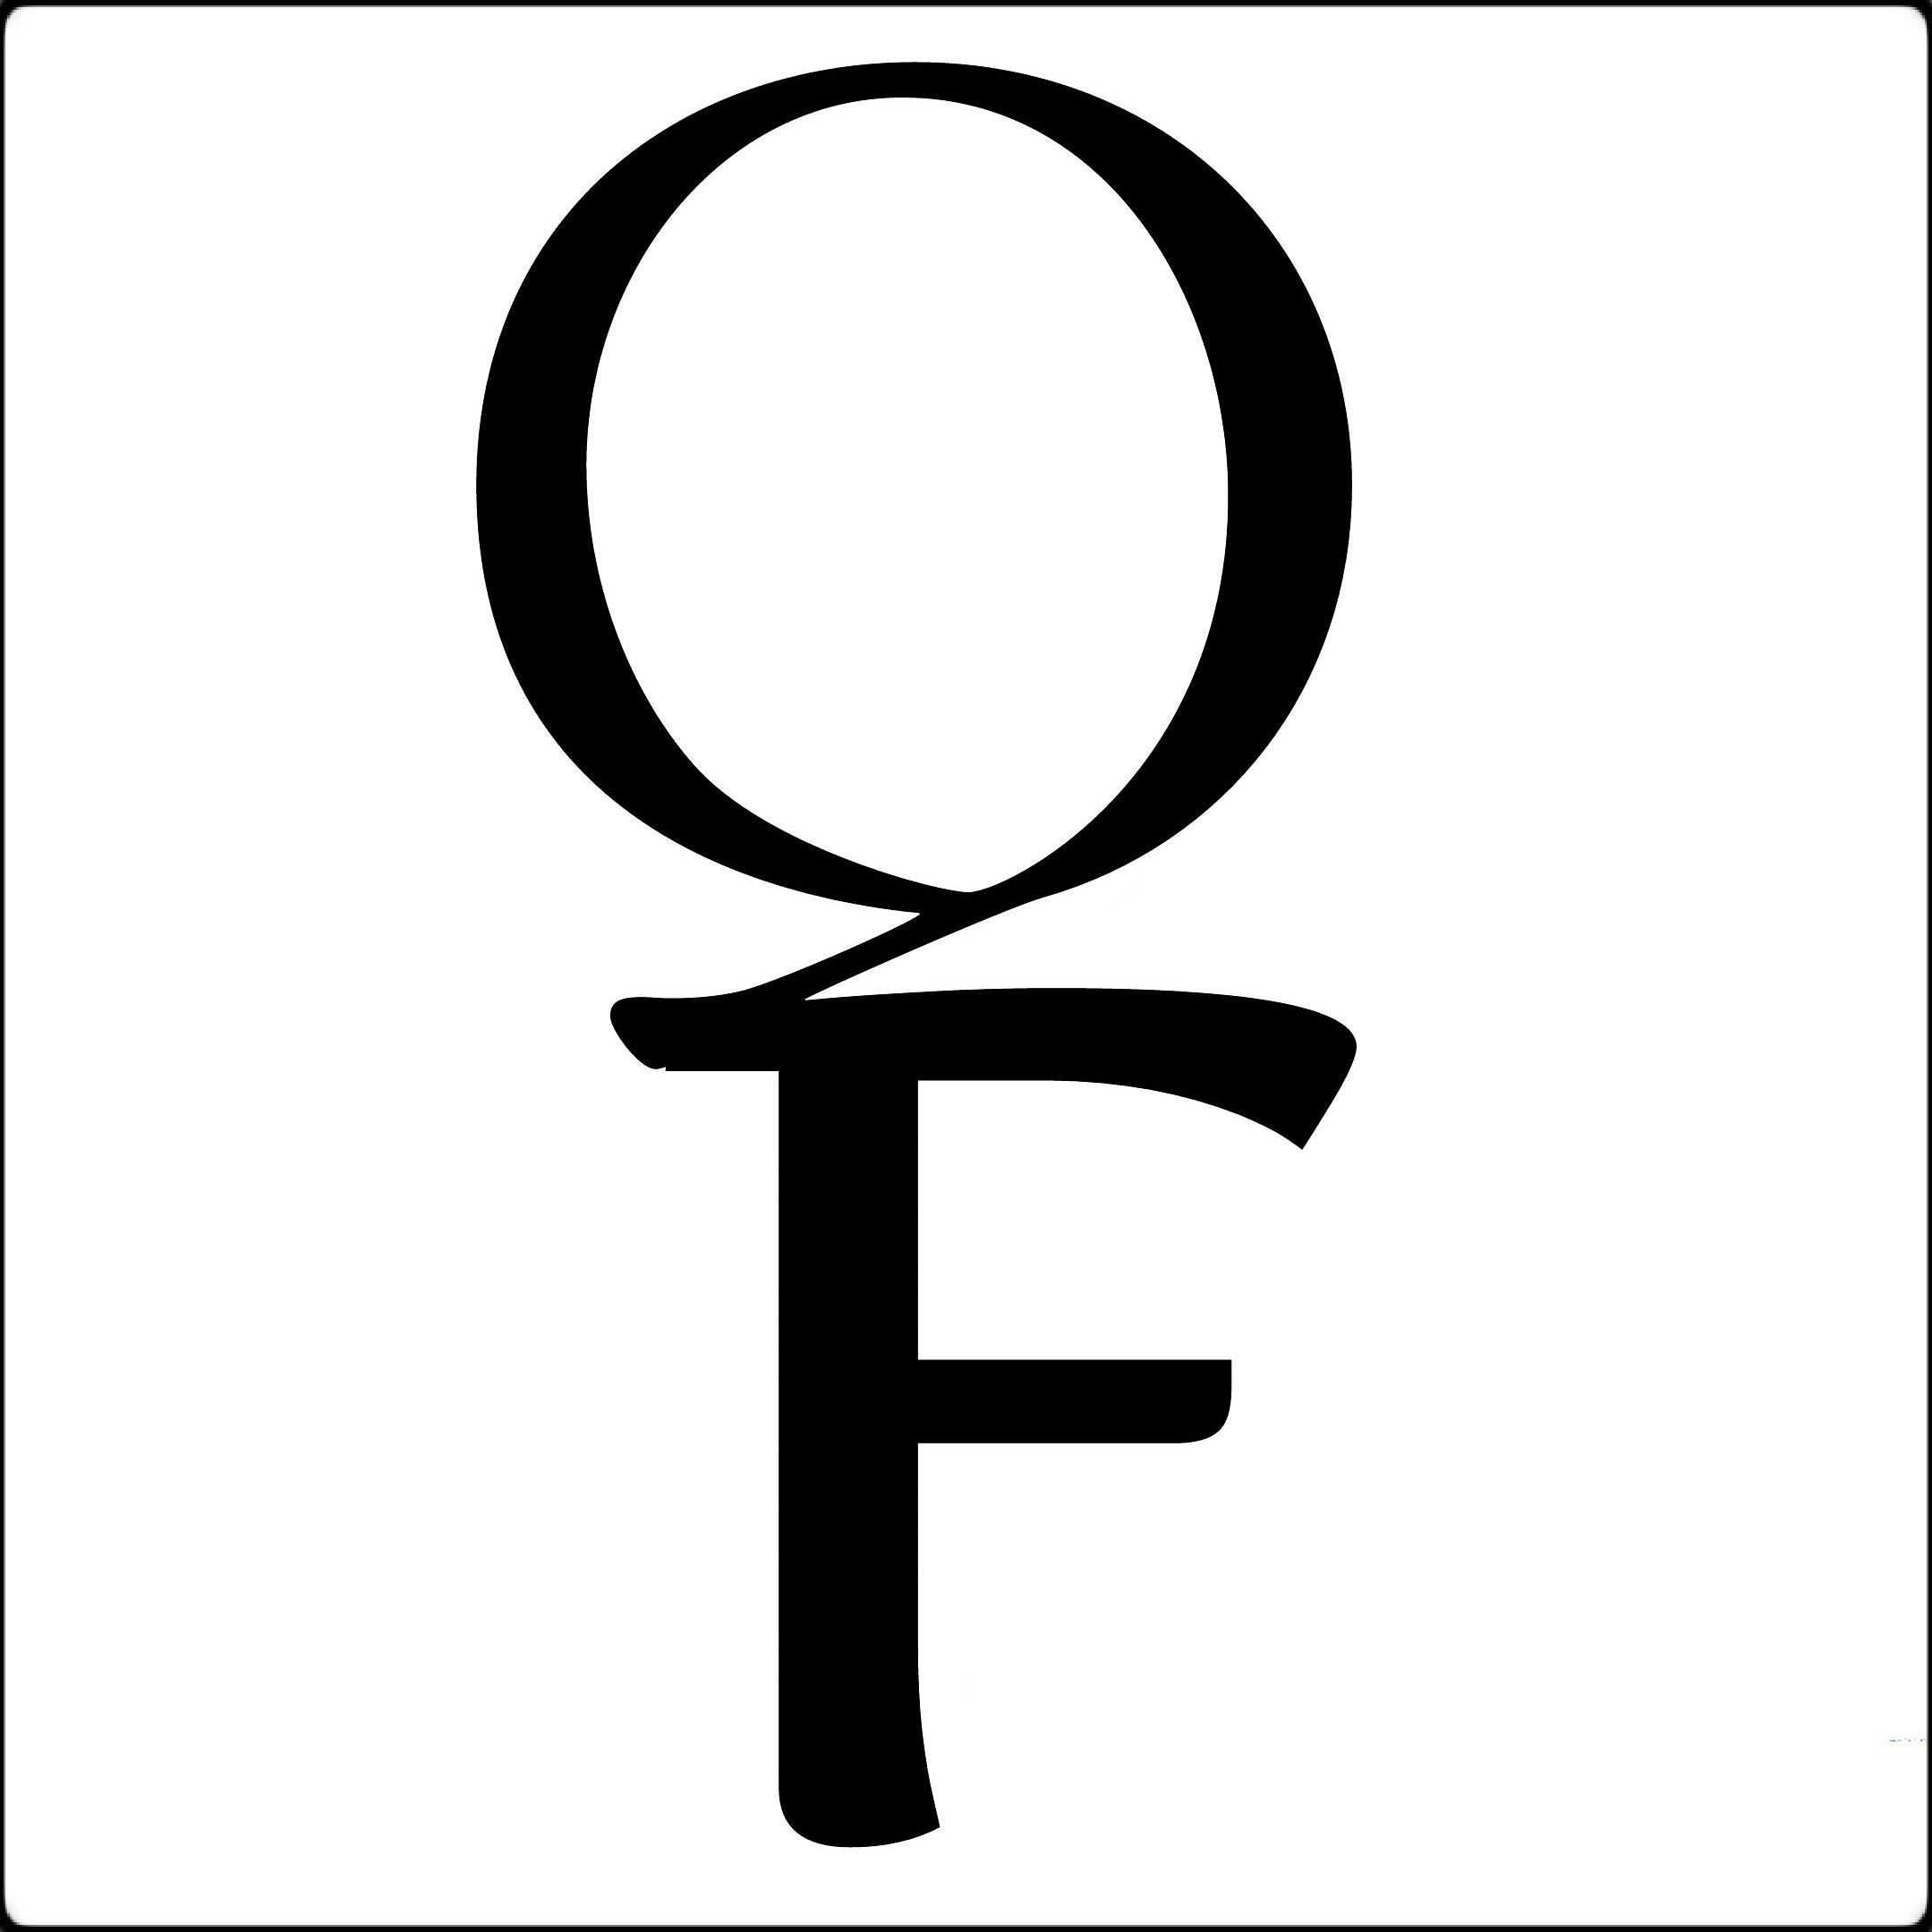 QaaliFlowers